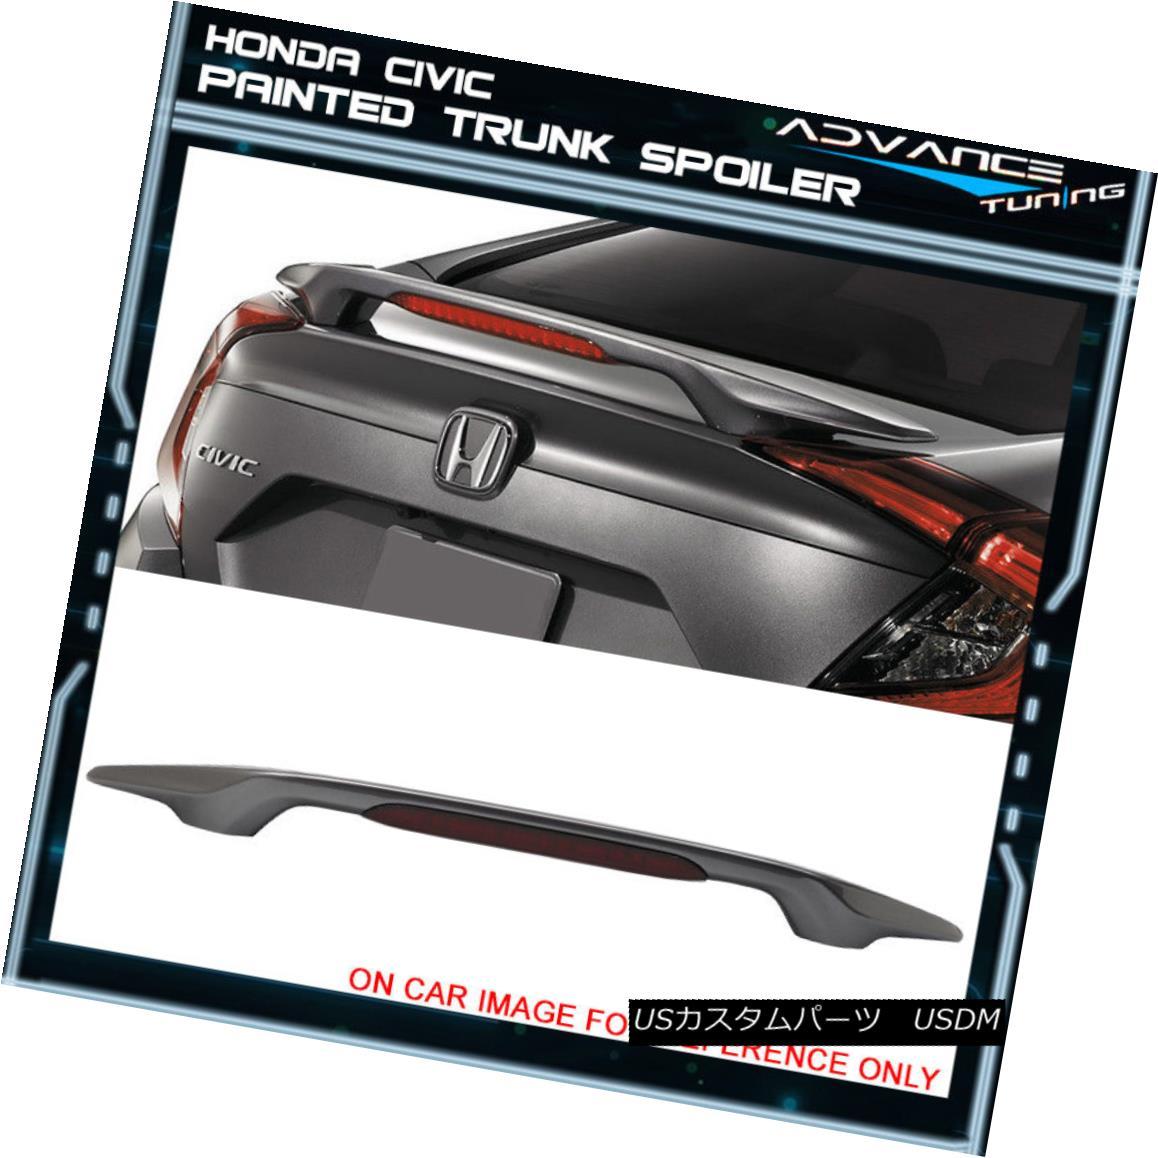 エアロパーツ 16-18 Civic Sedan Trunk Spoiler OEM Painted Color #NH797M Modern Steel Metallic 16-18シビックセダントランクスポイラーOEM塗装カラー#NH797Mモダンスチールメタリック